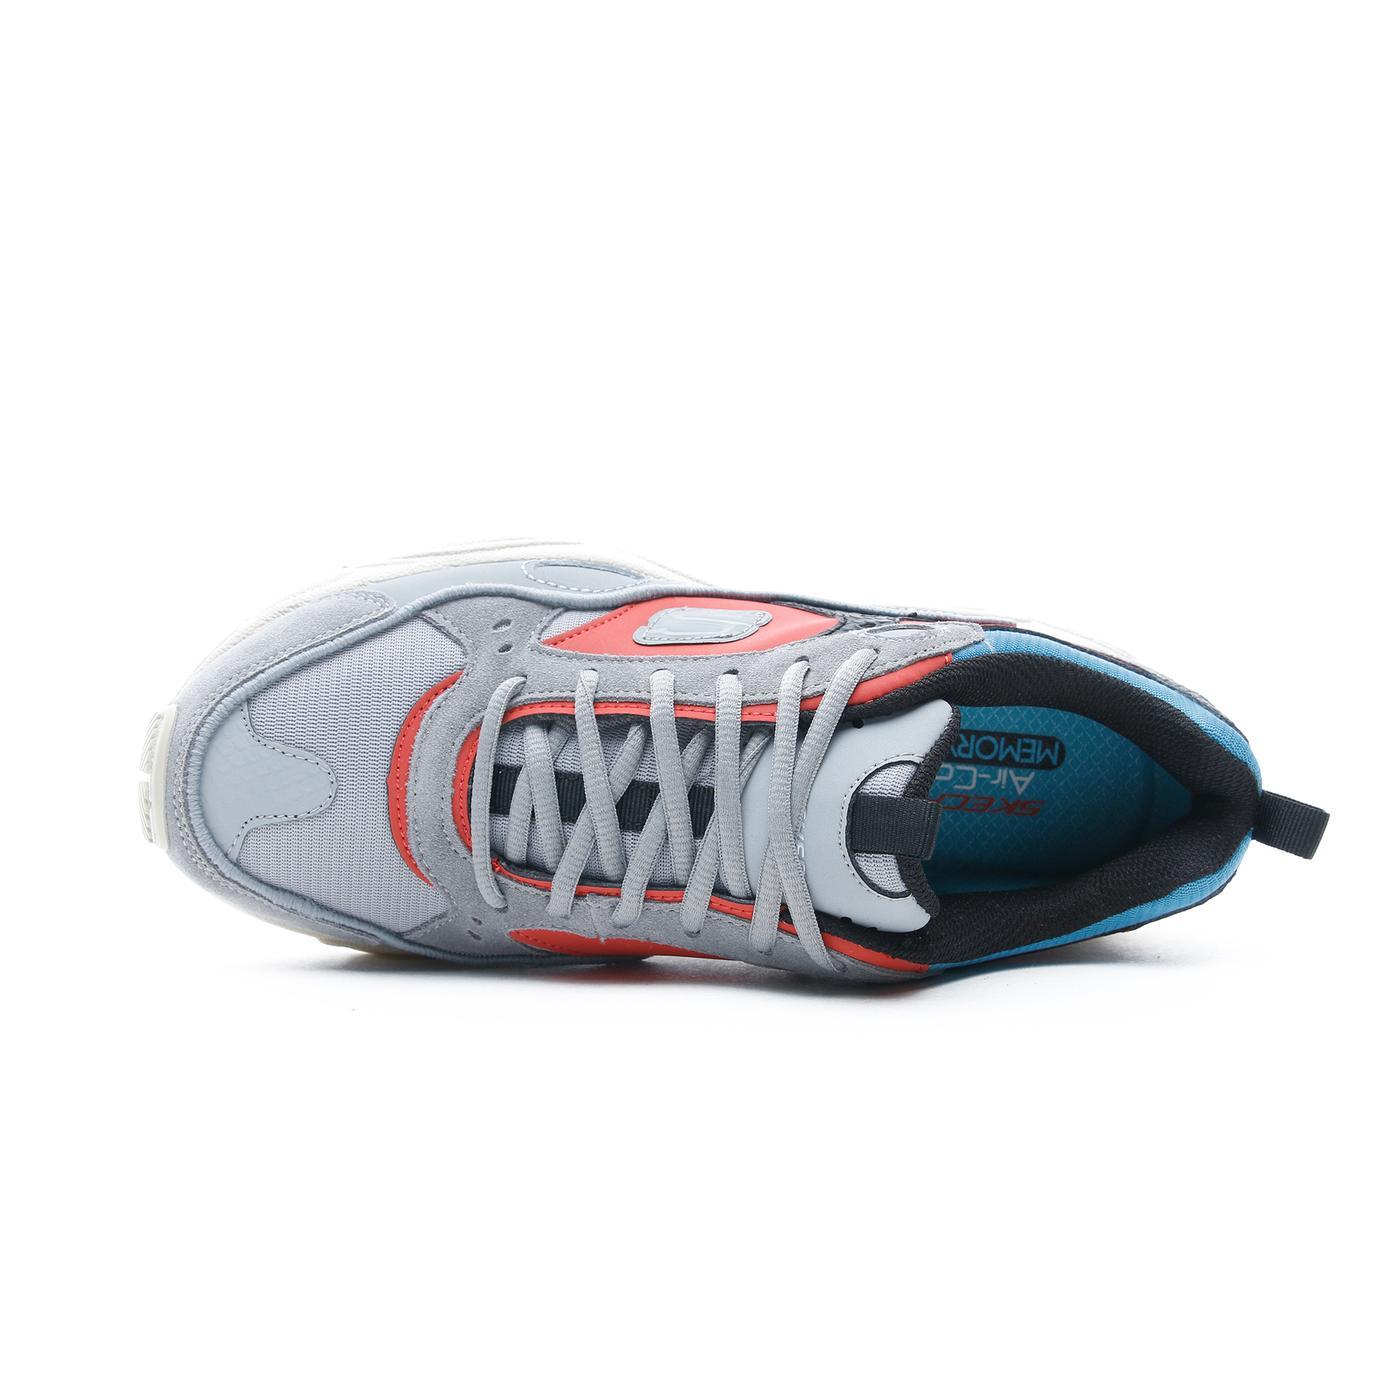 Skechers Stamina Contic Erkek Gri Spor Ayakkabı